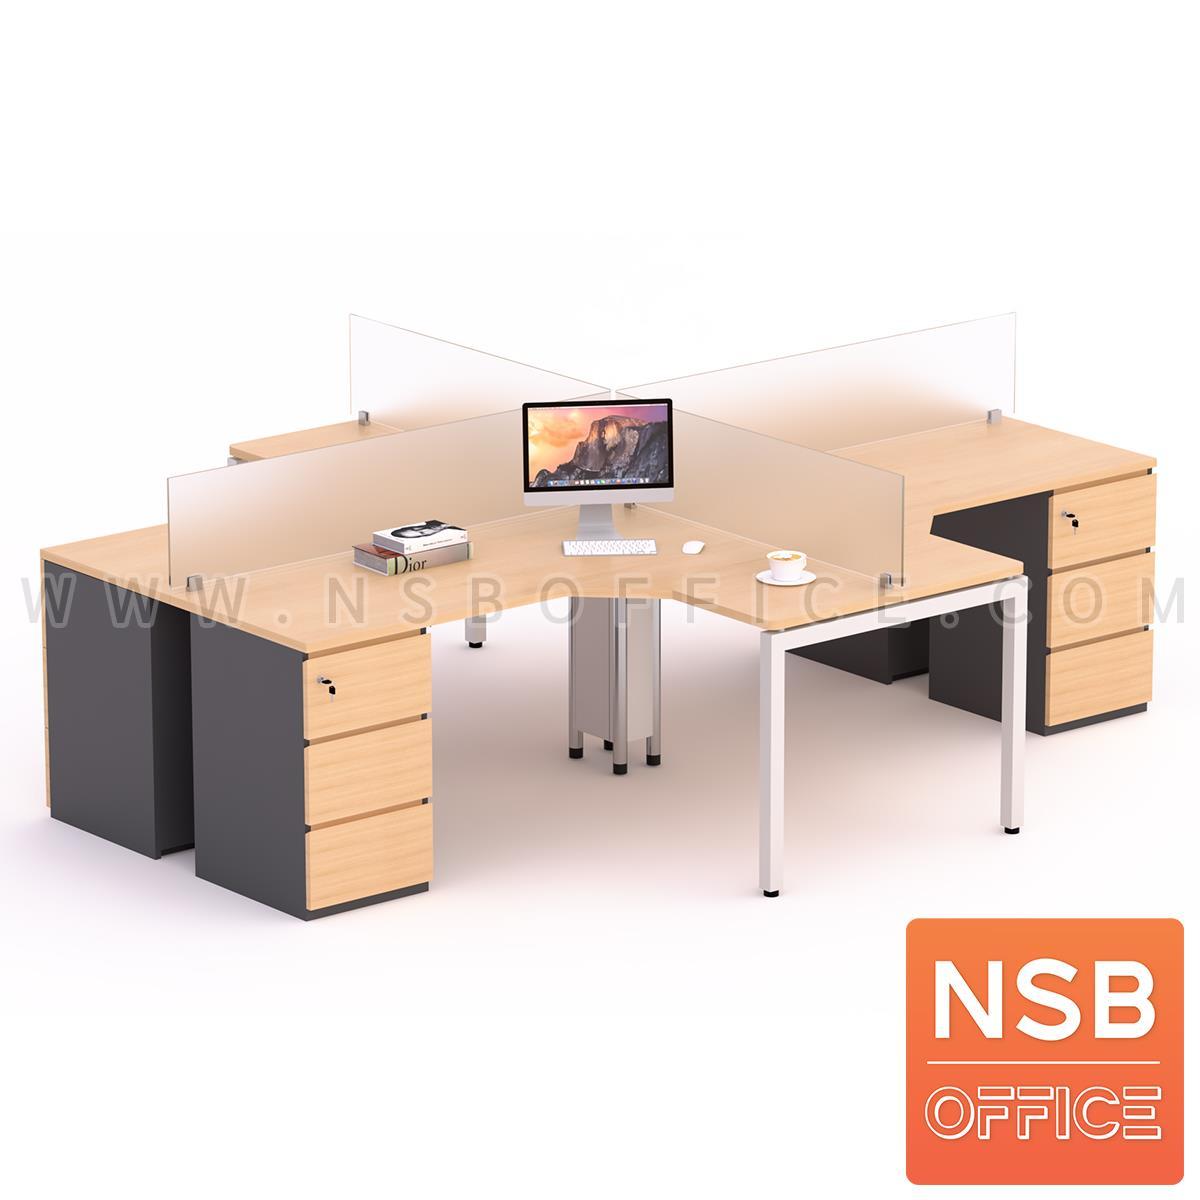 โต๊ะทำงานกลุ่มตัวแอล 4 ที่นั่ง  พร้อมลิ้นชัก 3 ลิ้นชัก ขาเหล็กกล่อง